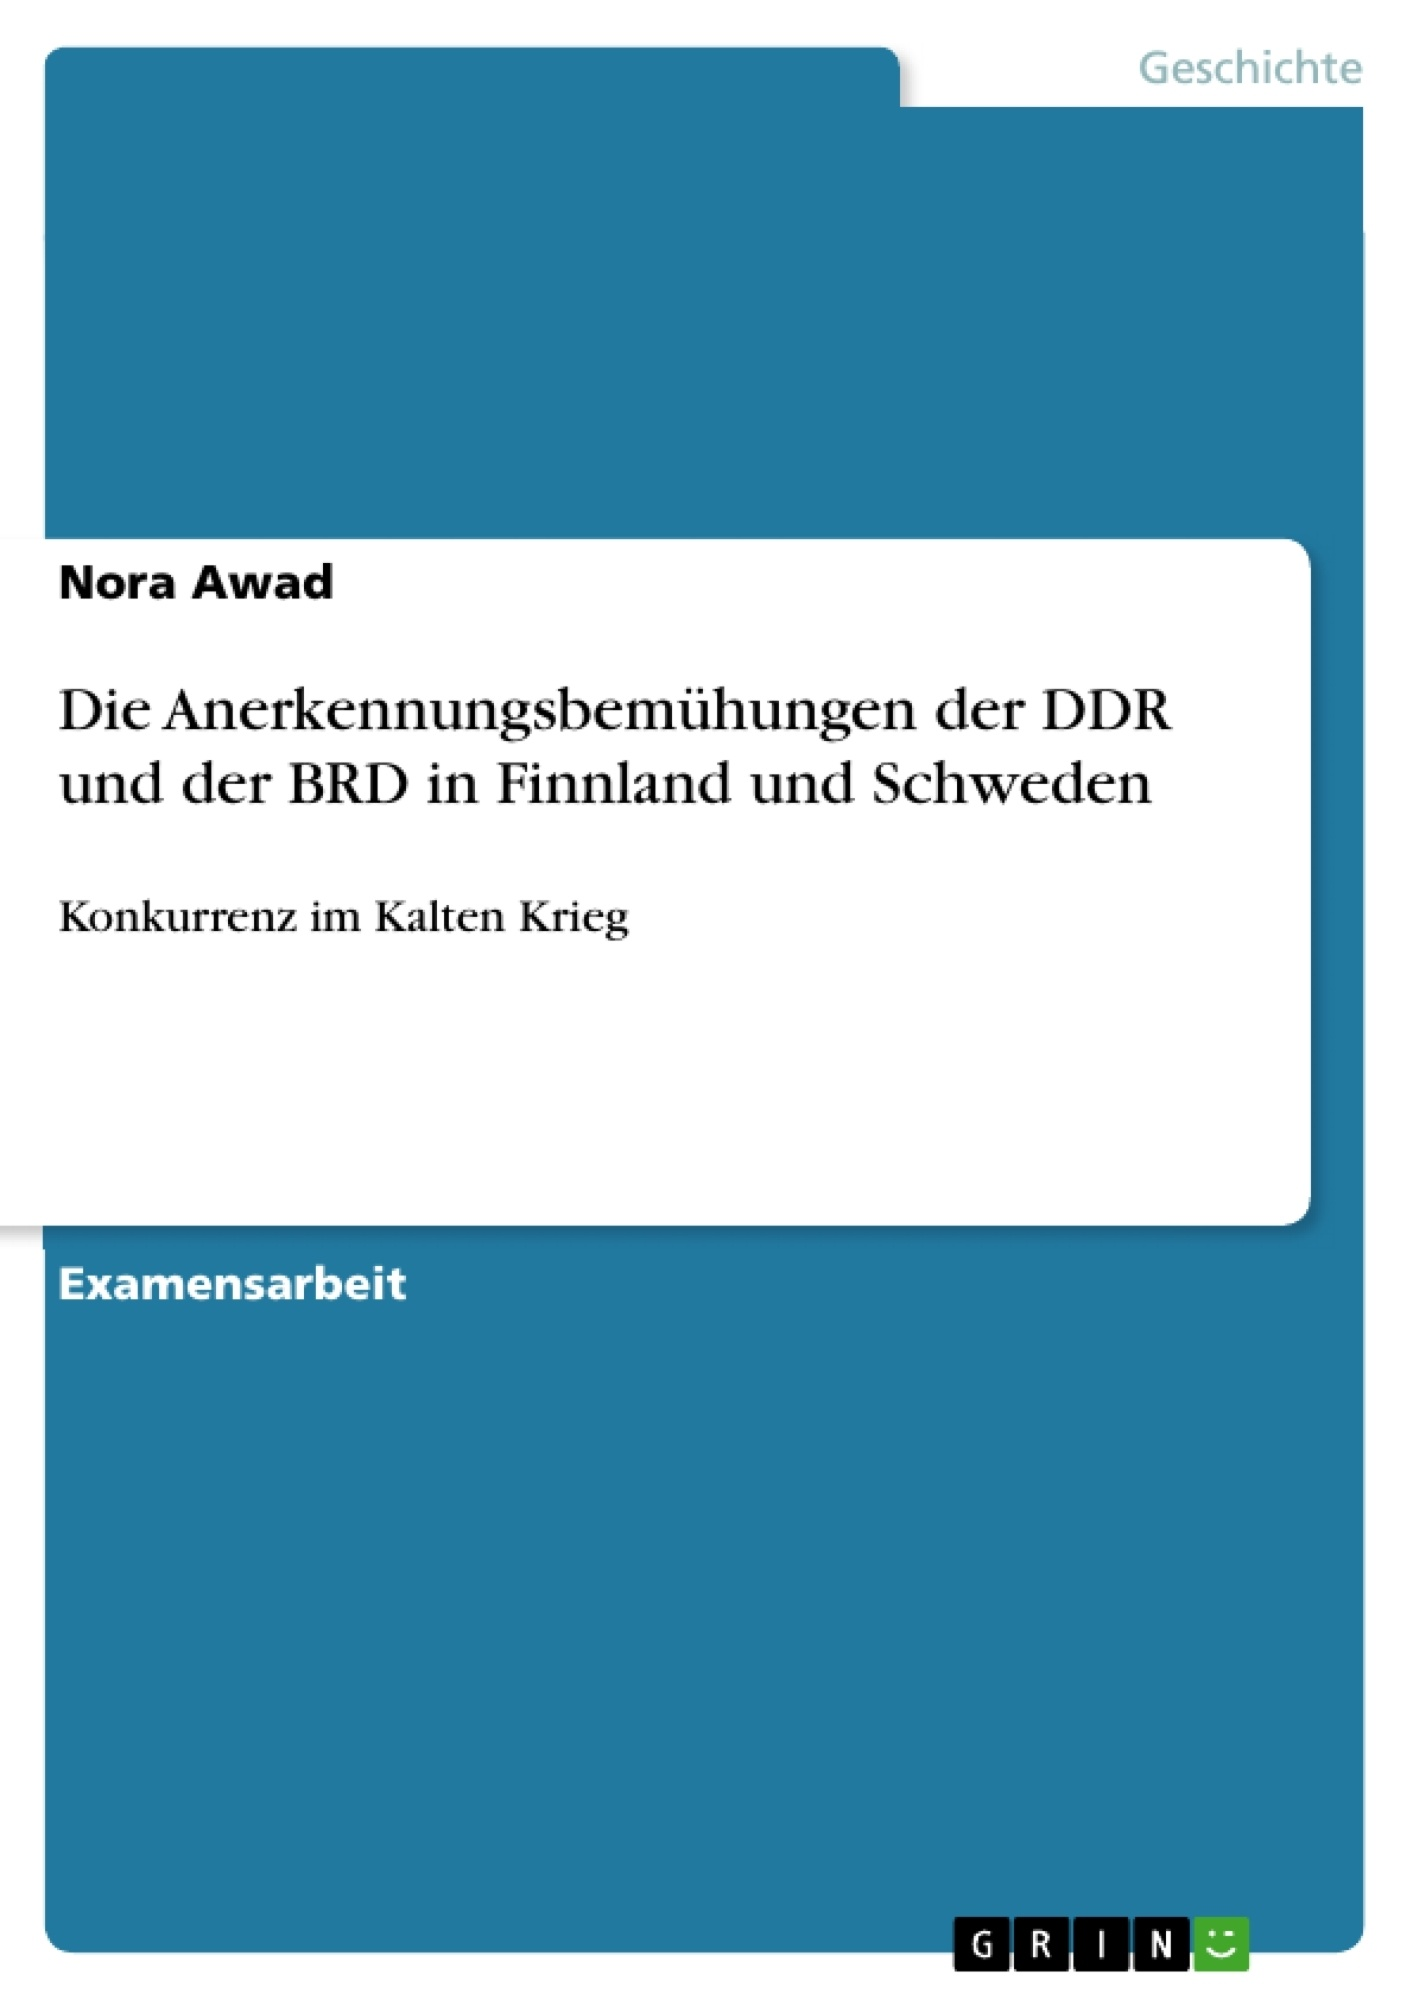 Titel: Die Anerkennungsbemühungen der DDR und der BRD in Finnland und Schweden